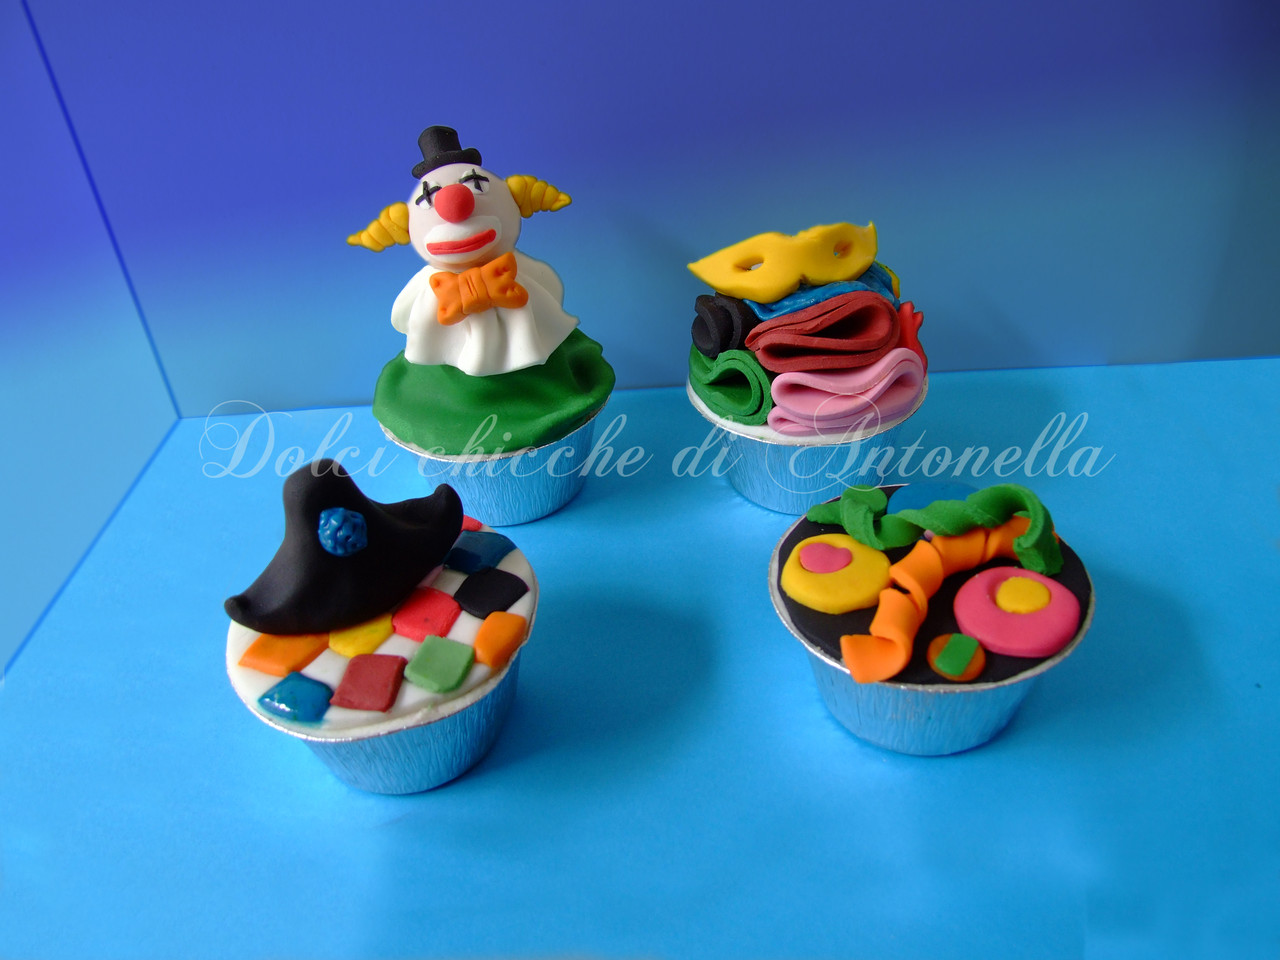 Cupcakes dolcichicchediantonella - Decorazioni per torte di carnevale ...